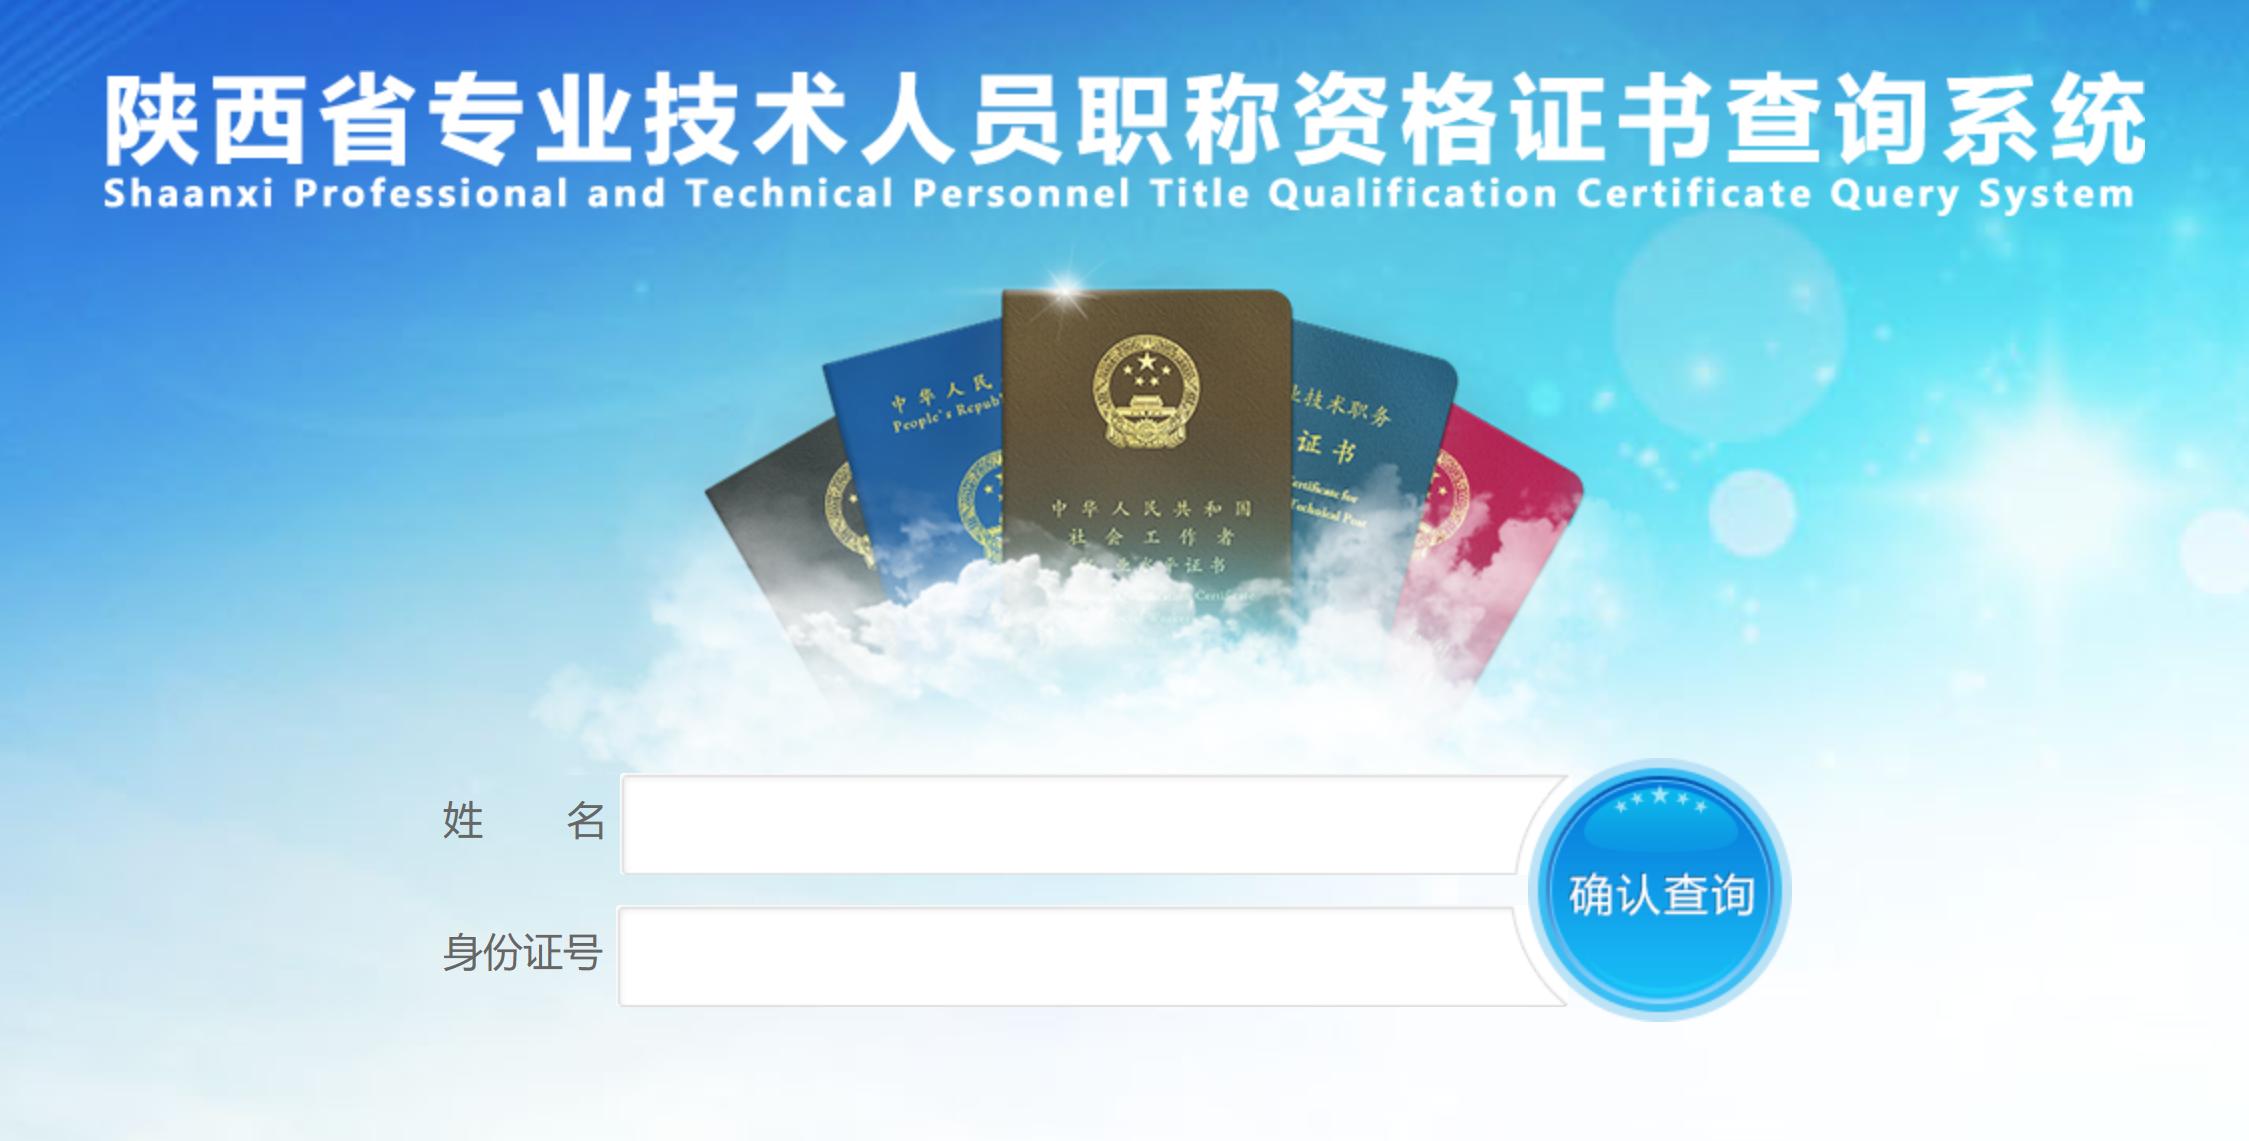 陕西二级造价工程师资格证书查询系统